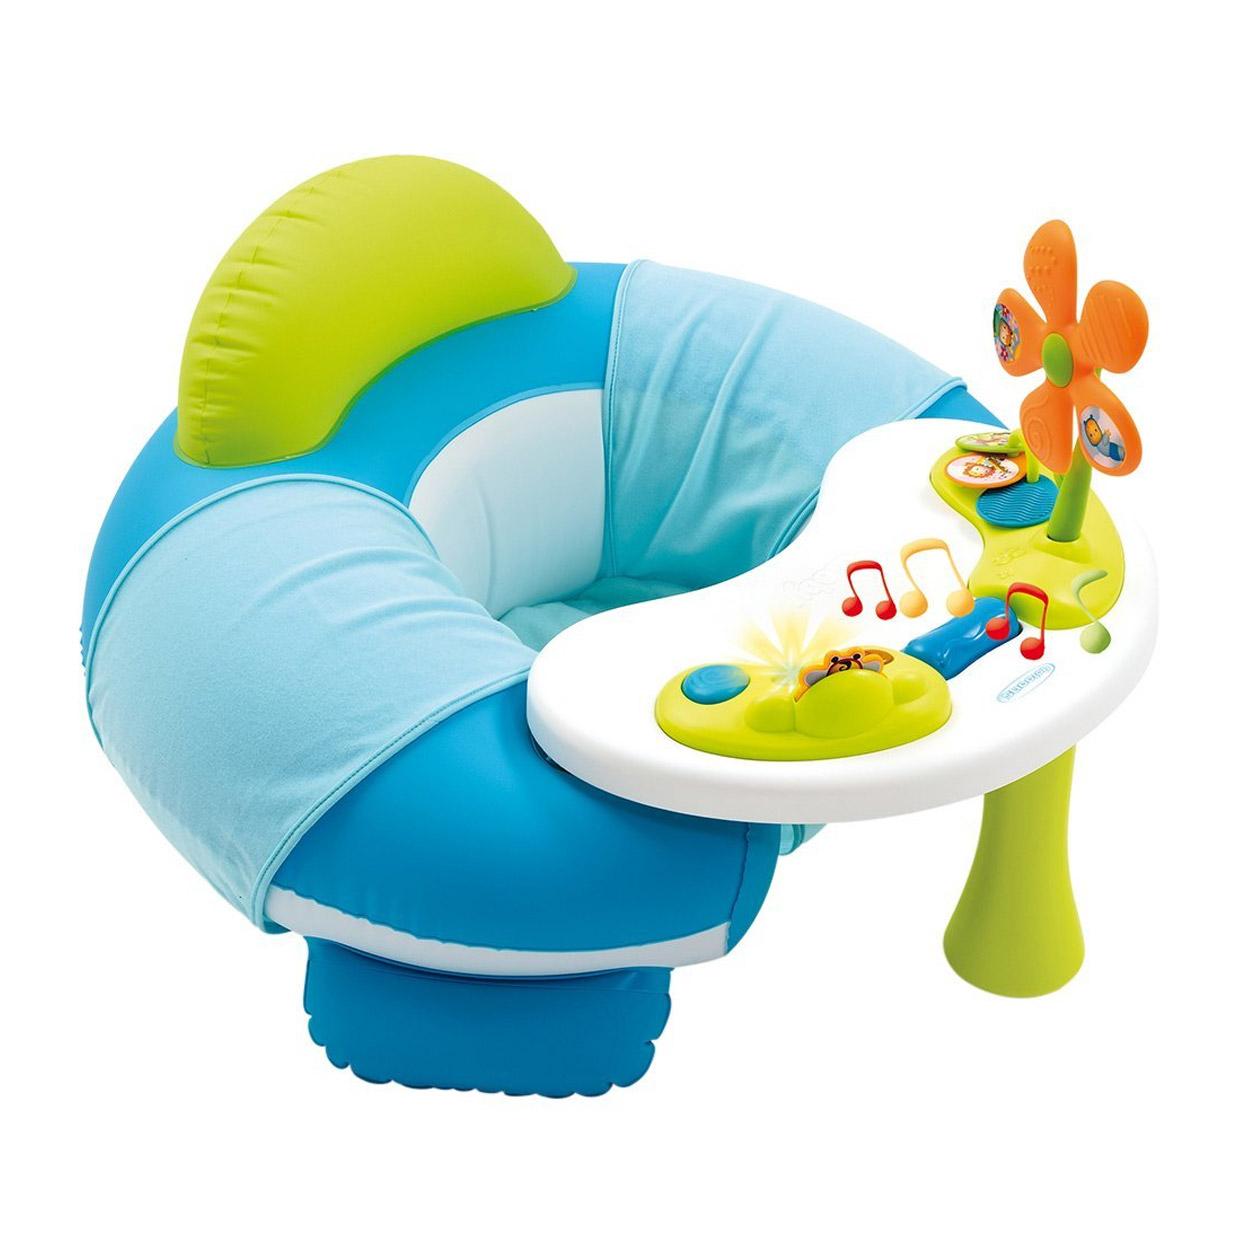 Cosy Seat Cotoons : Bleu